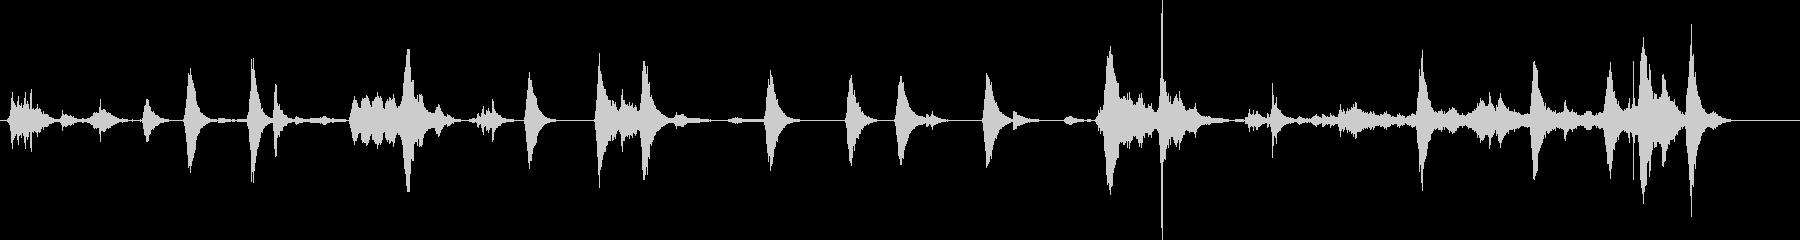 コウモリ、山の鳴き声。洞窟の中のコ...の未再生の波形